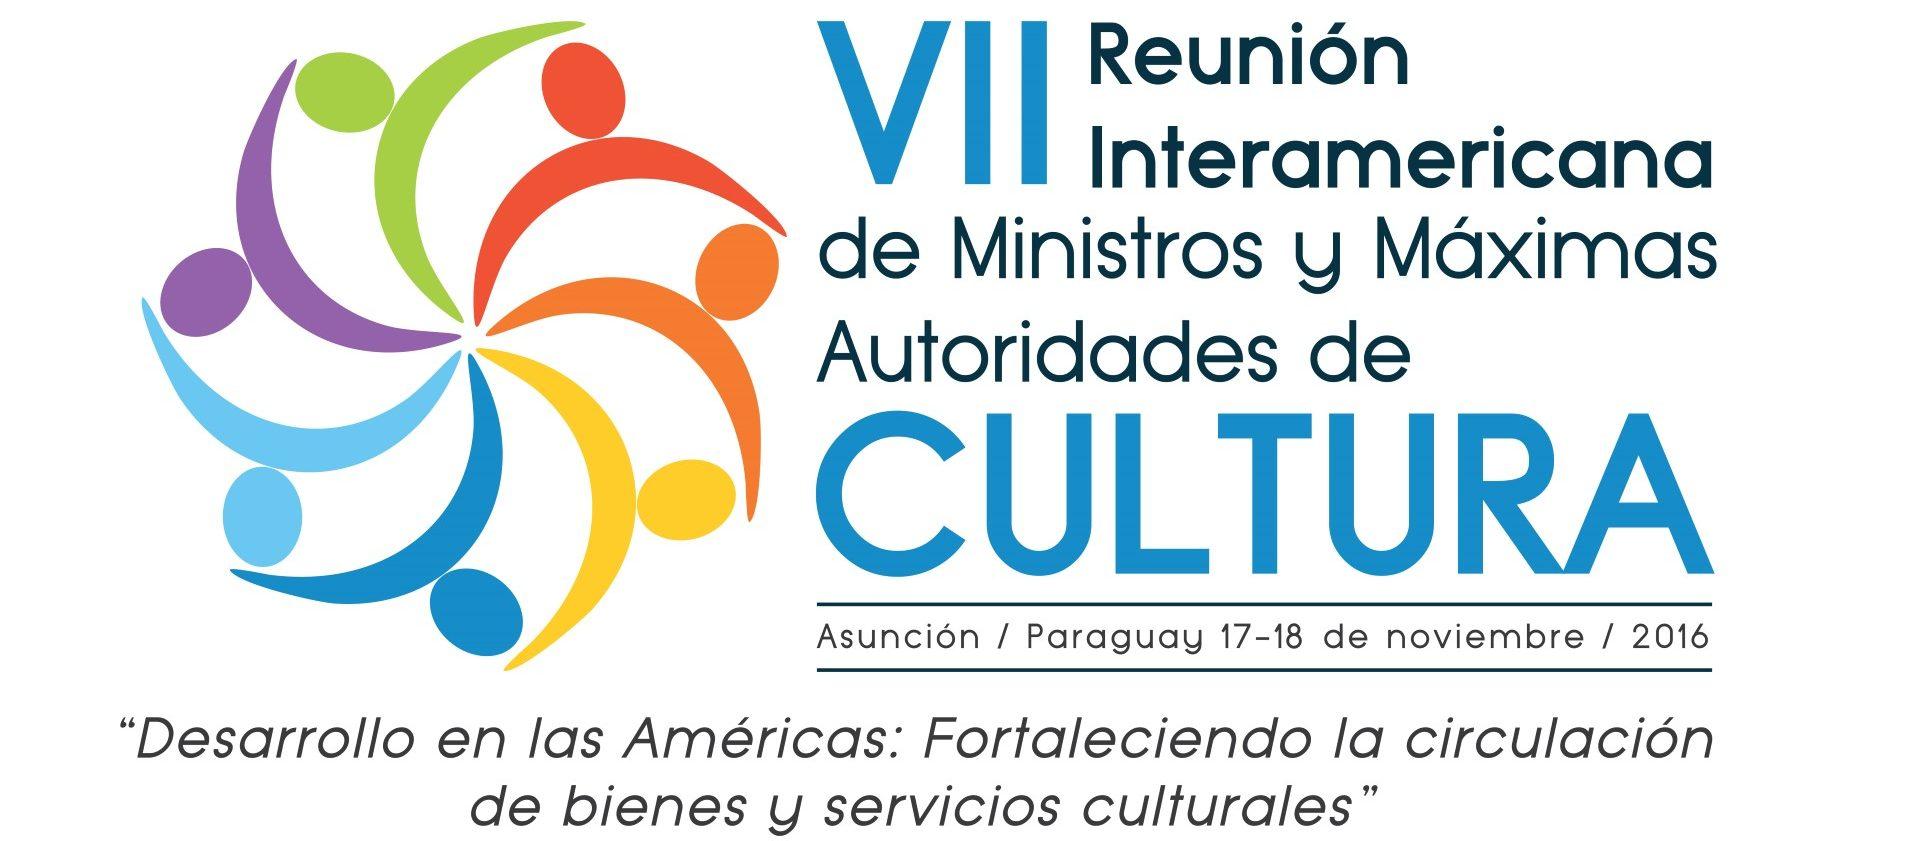 Séptima Reunión Interamericana de Ministros y Máximas Autoridades de Cultura